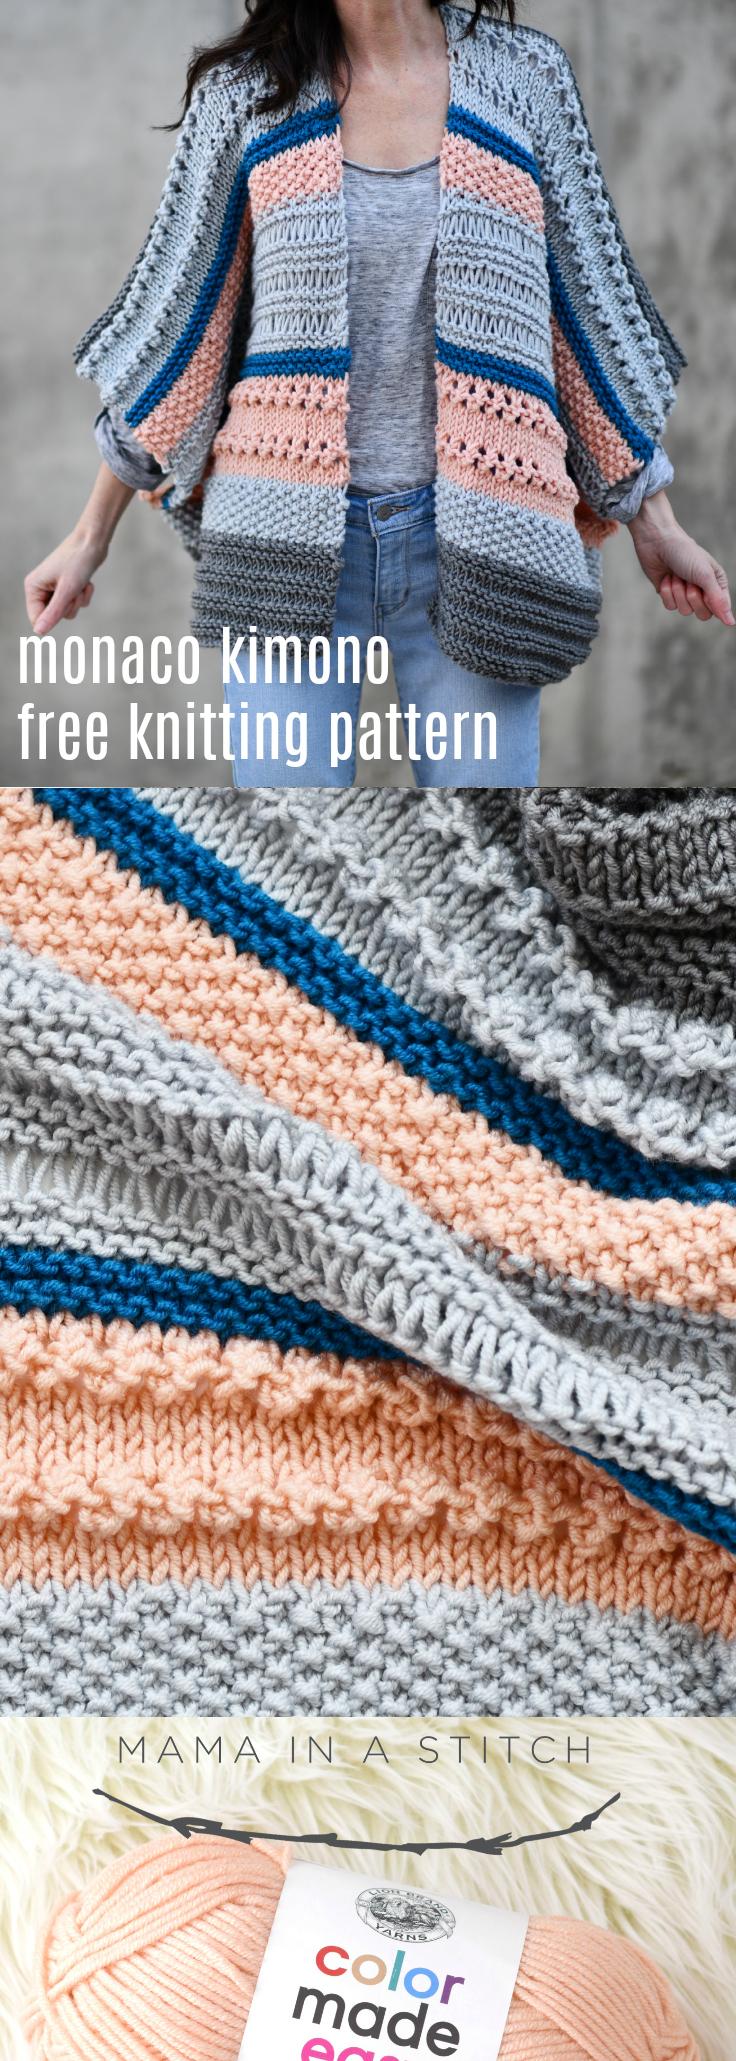 Monaco Kimono Knitting Pattern - Mama In A Stitch